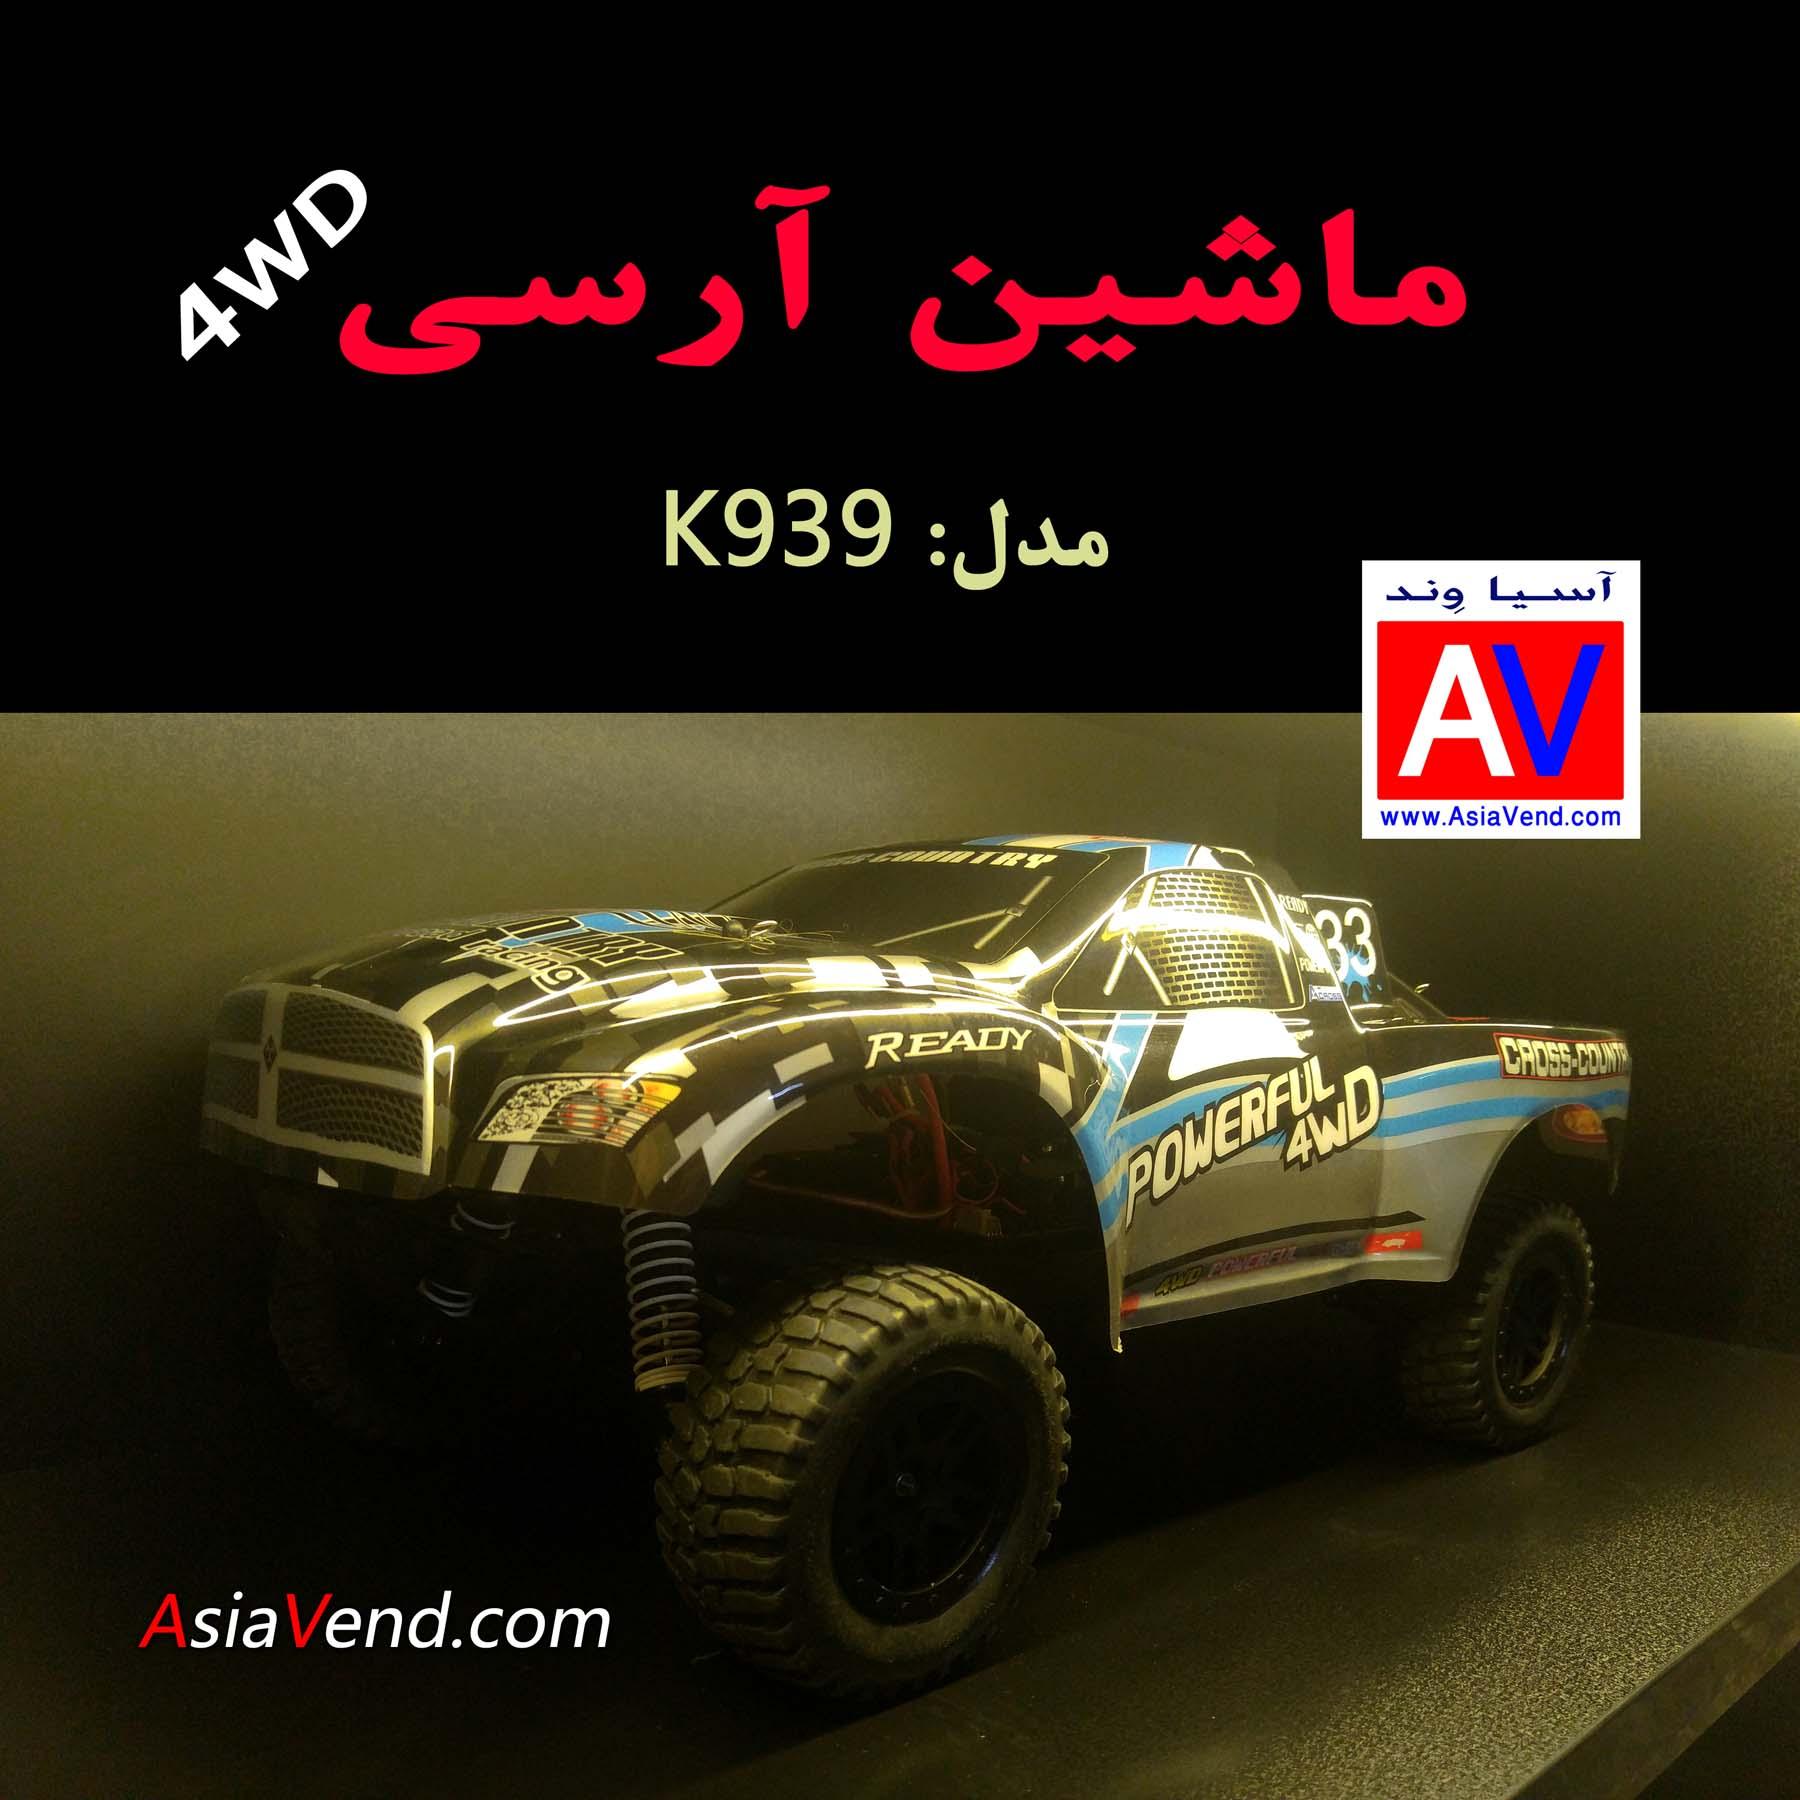 ماشین رادیو کنترلی حرفه ای ماشین کنترلی آفرود مدل Wltoys K939